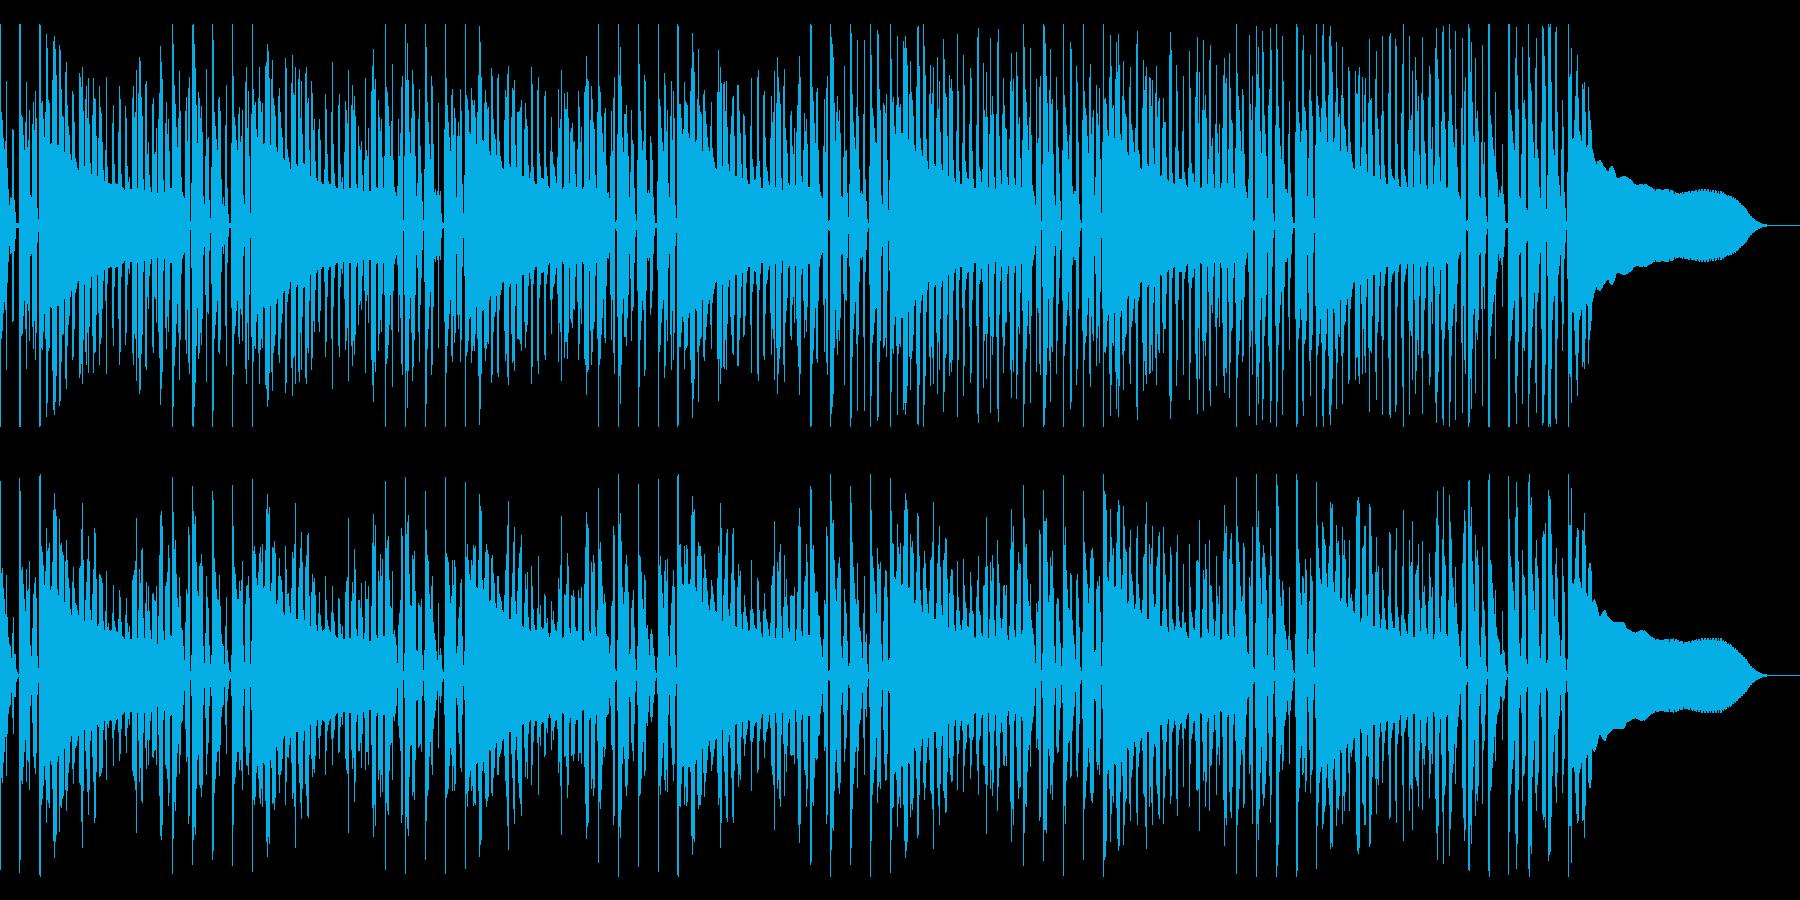 Vocal FX、114 BPMの再生済みの波形